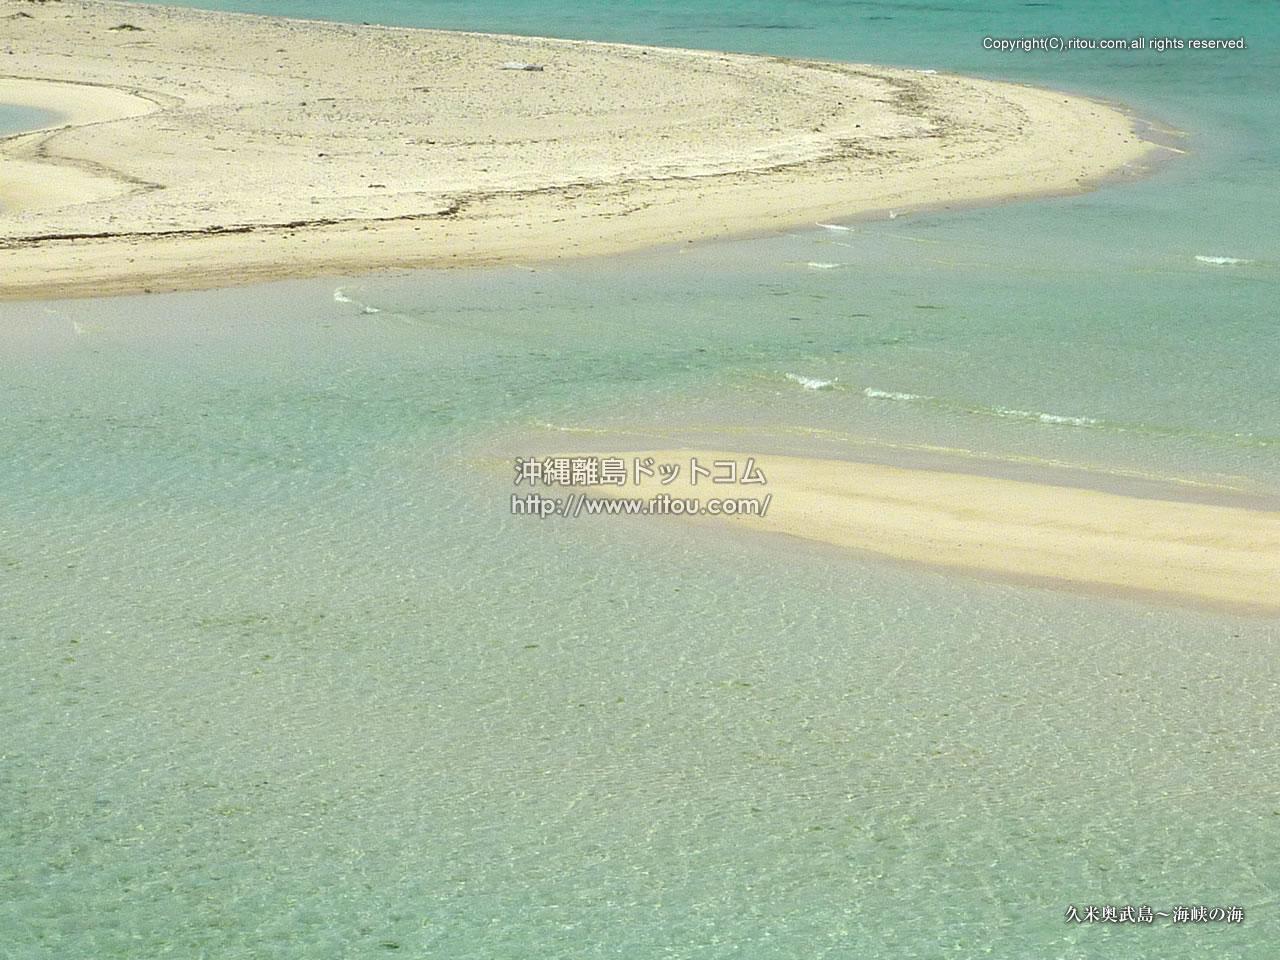 久米奥武島〜海峡の海